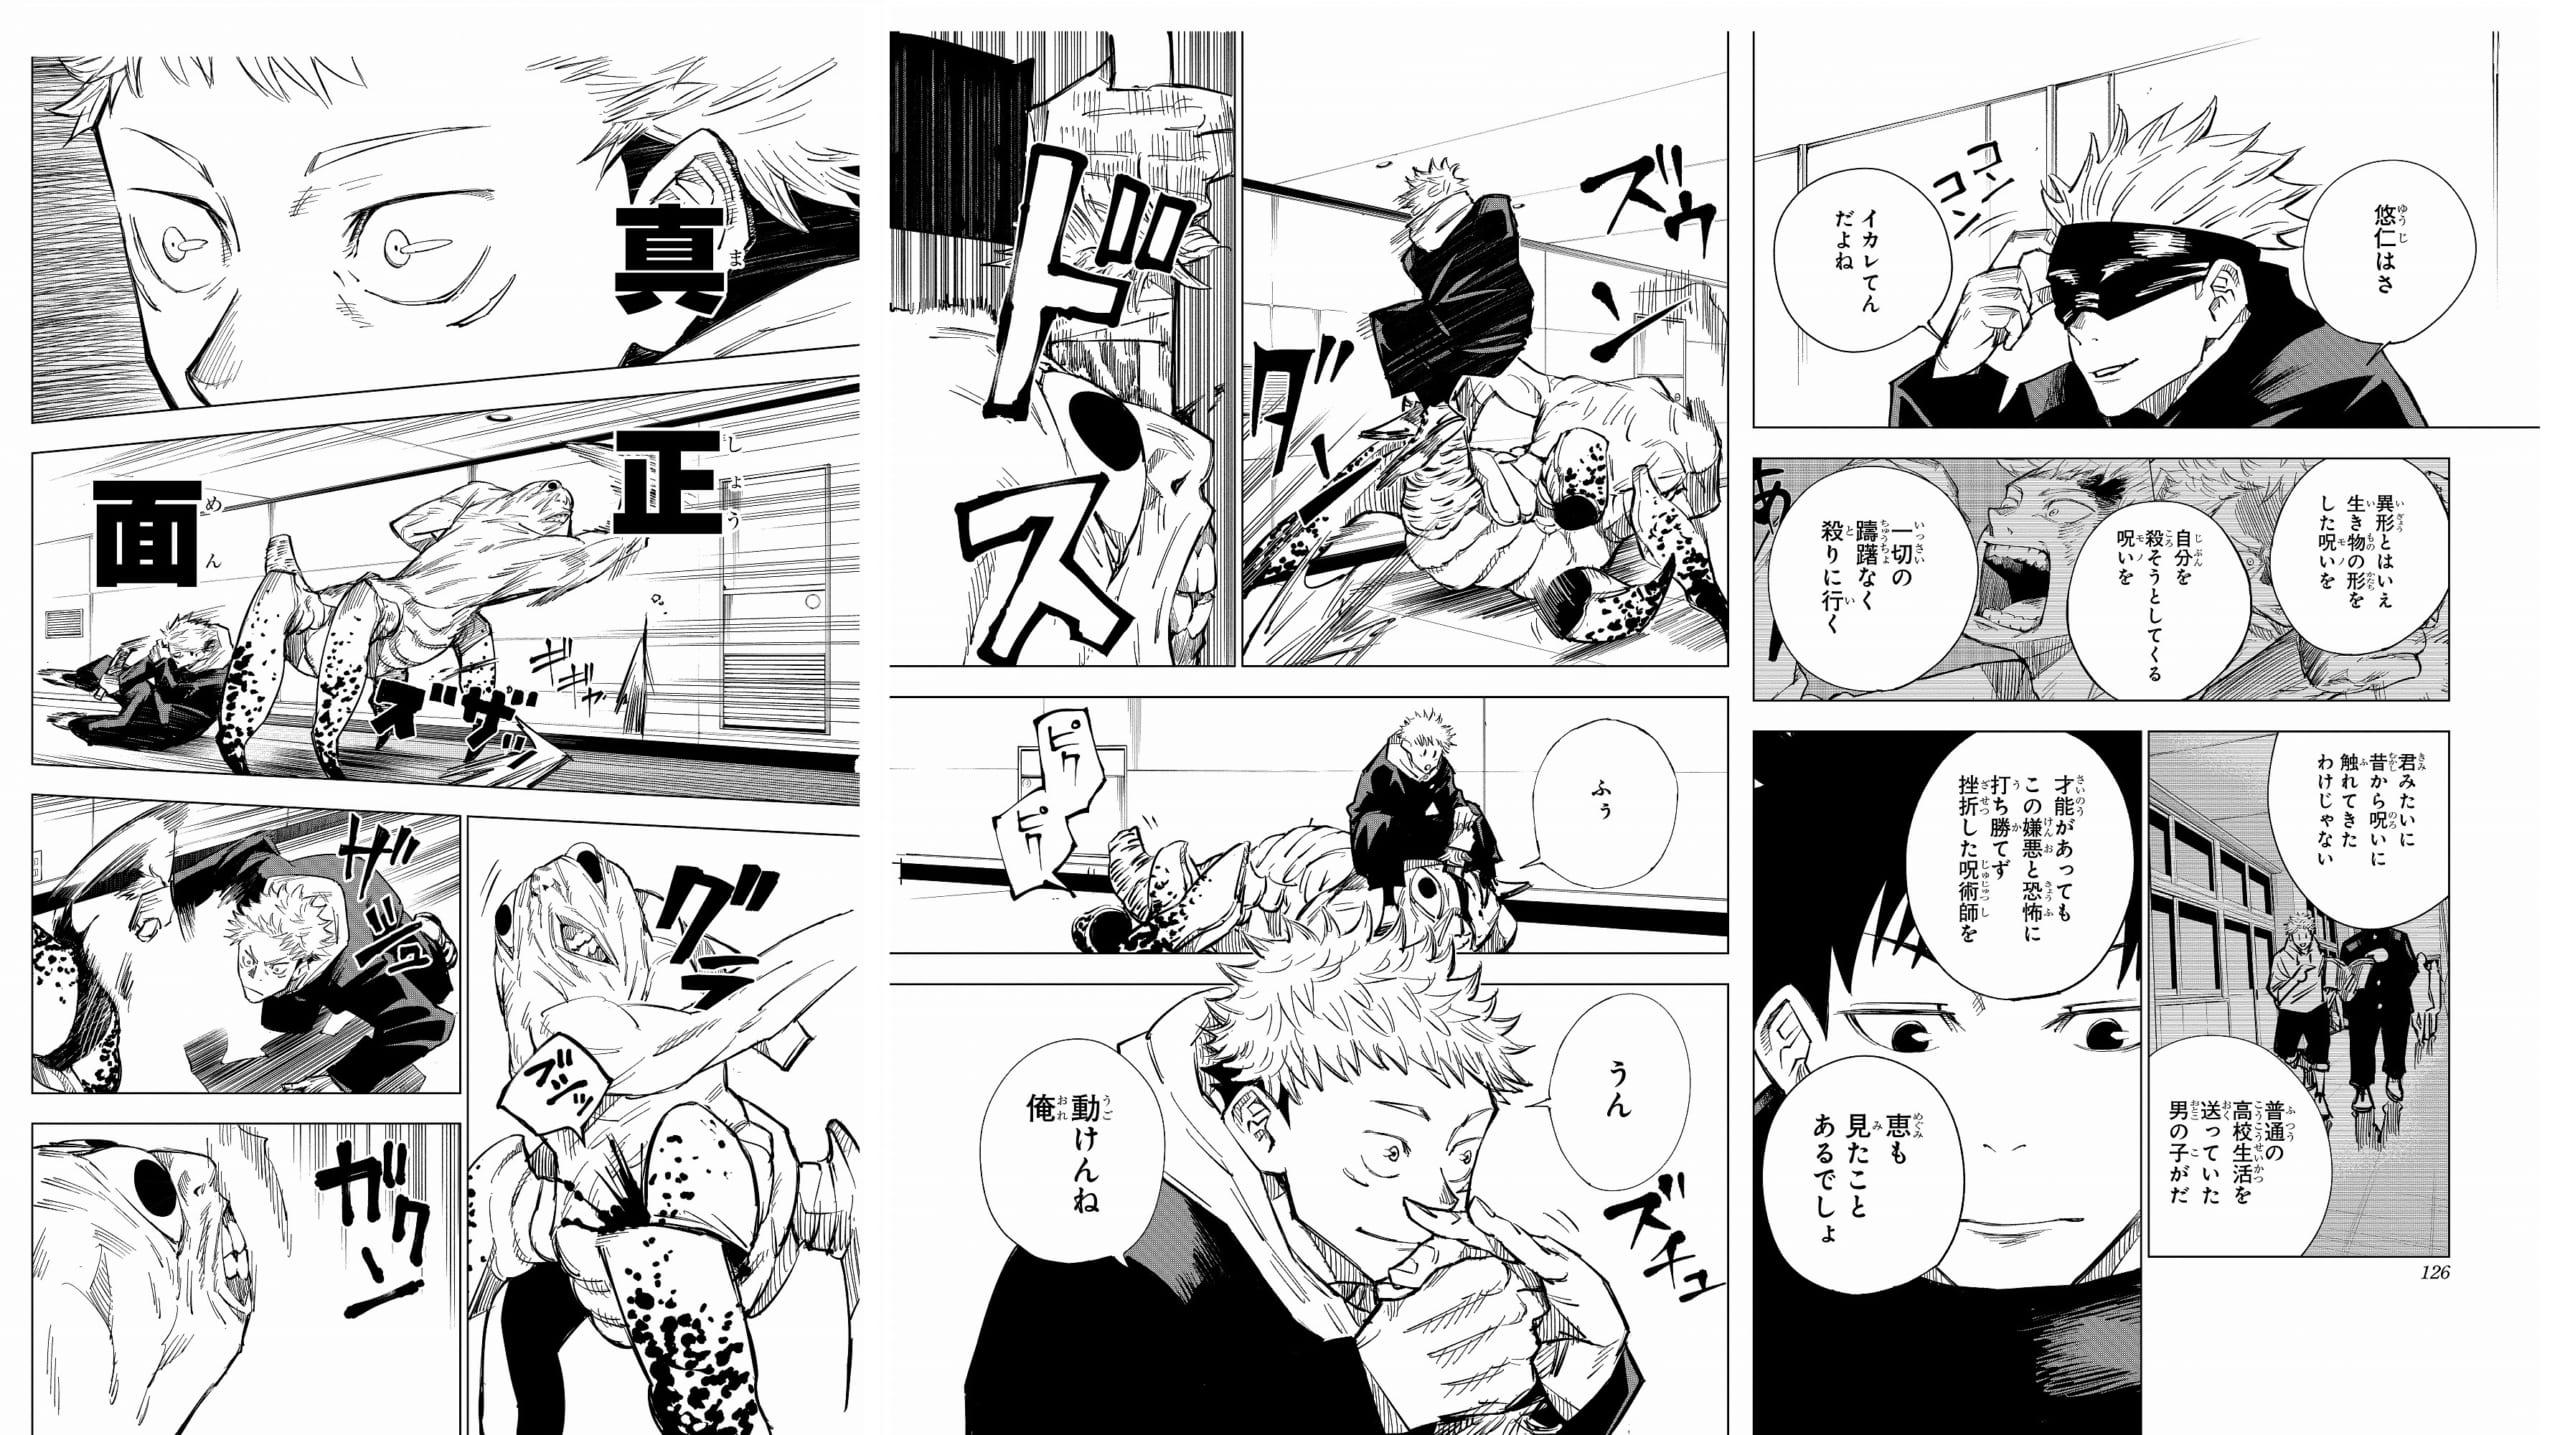 「呪術廻戦」JMA東京タワーにて店内イベント開催決定!「第4話鉄骨娘」が1話まるごと展示